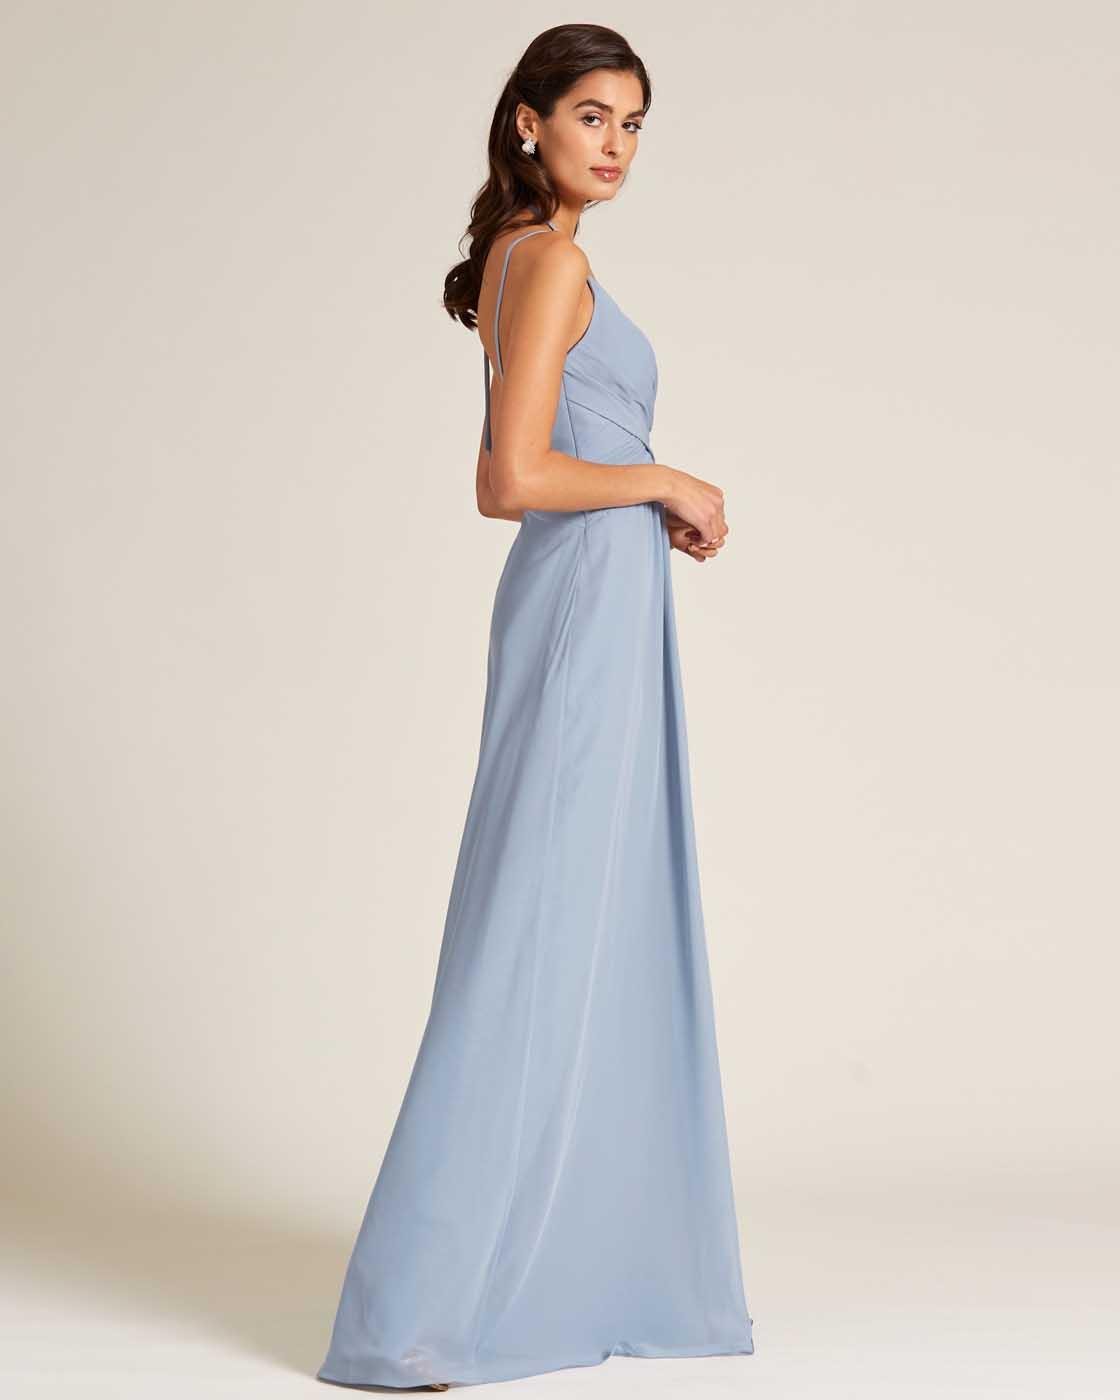 Light Blue Criss Cross V Neck Style Formal Gown - Side